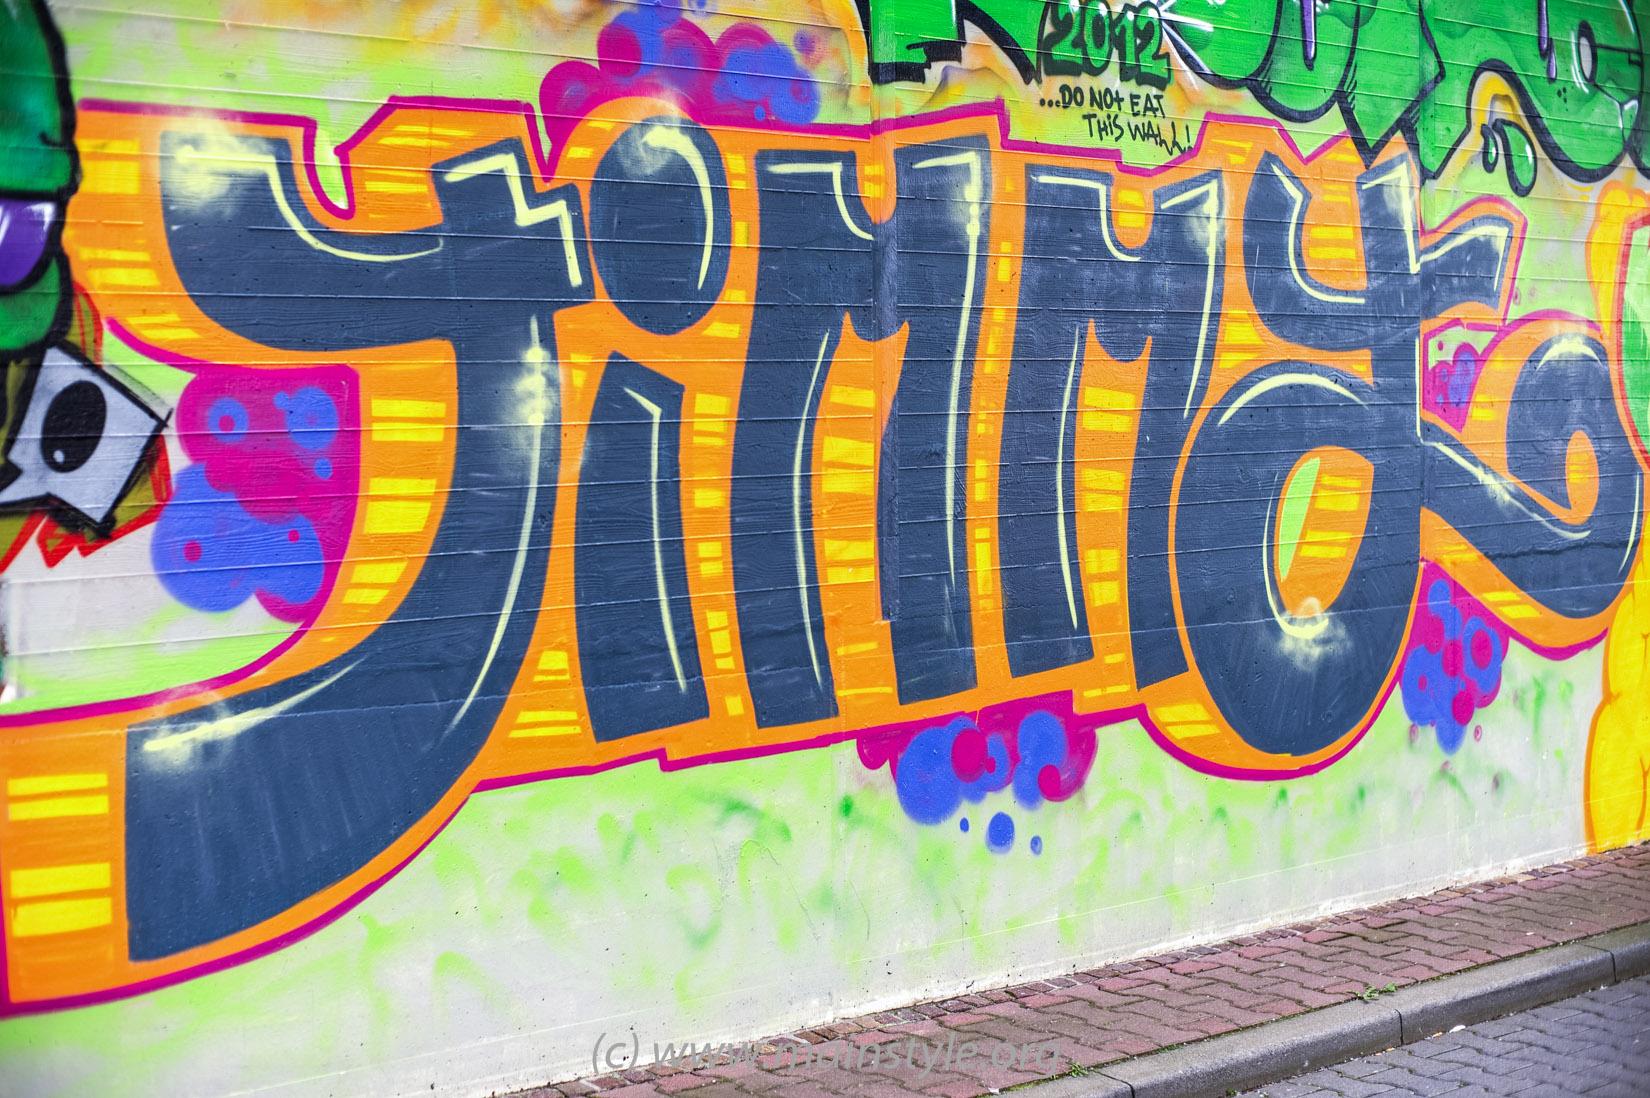 Frankfurt-Höchst_Graffiti_Süwag-Wall_2012 (33 von 35)